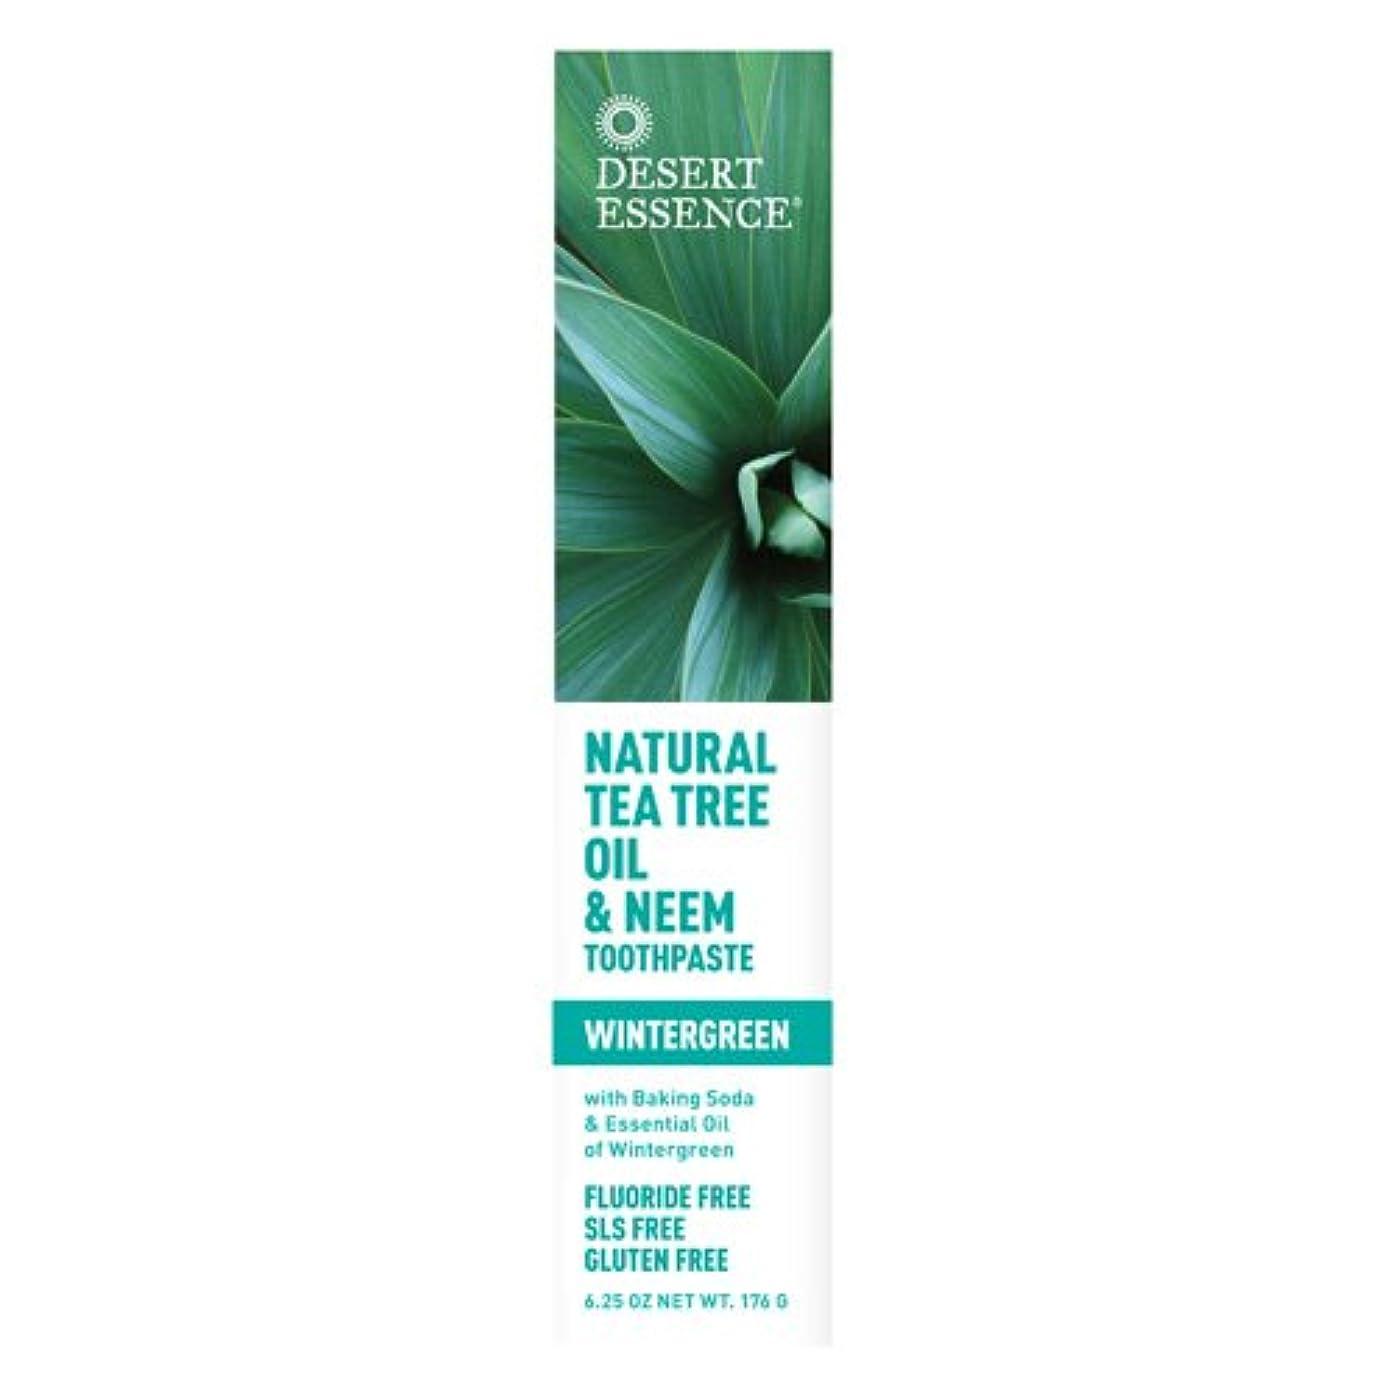 抑制する傘五月Desert Essence, Tea Tree Oil & Neem Tooth Winter 6.25 oz